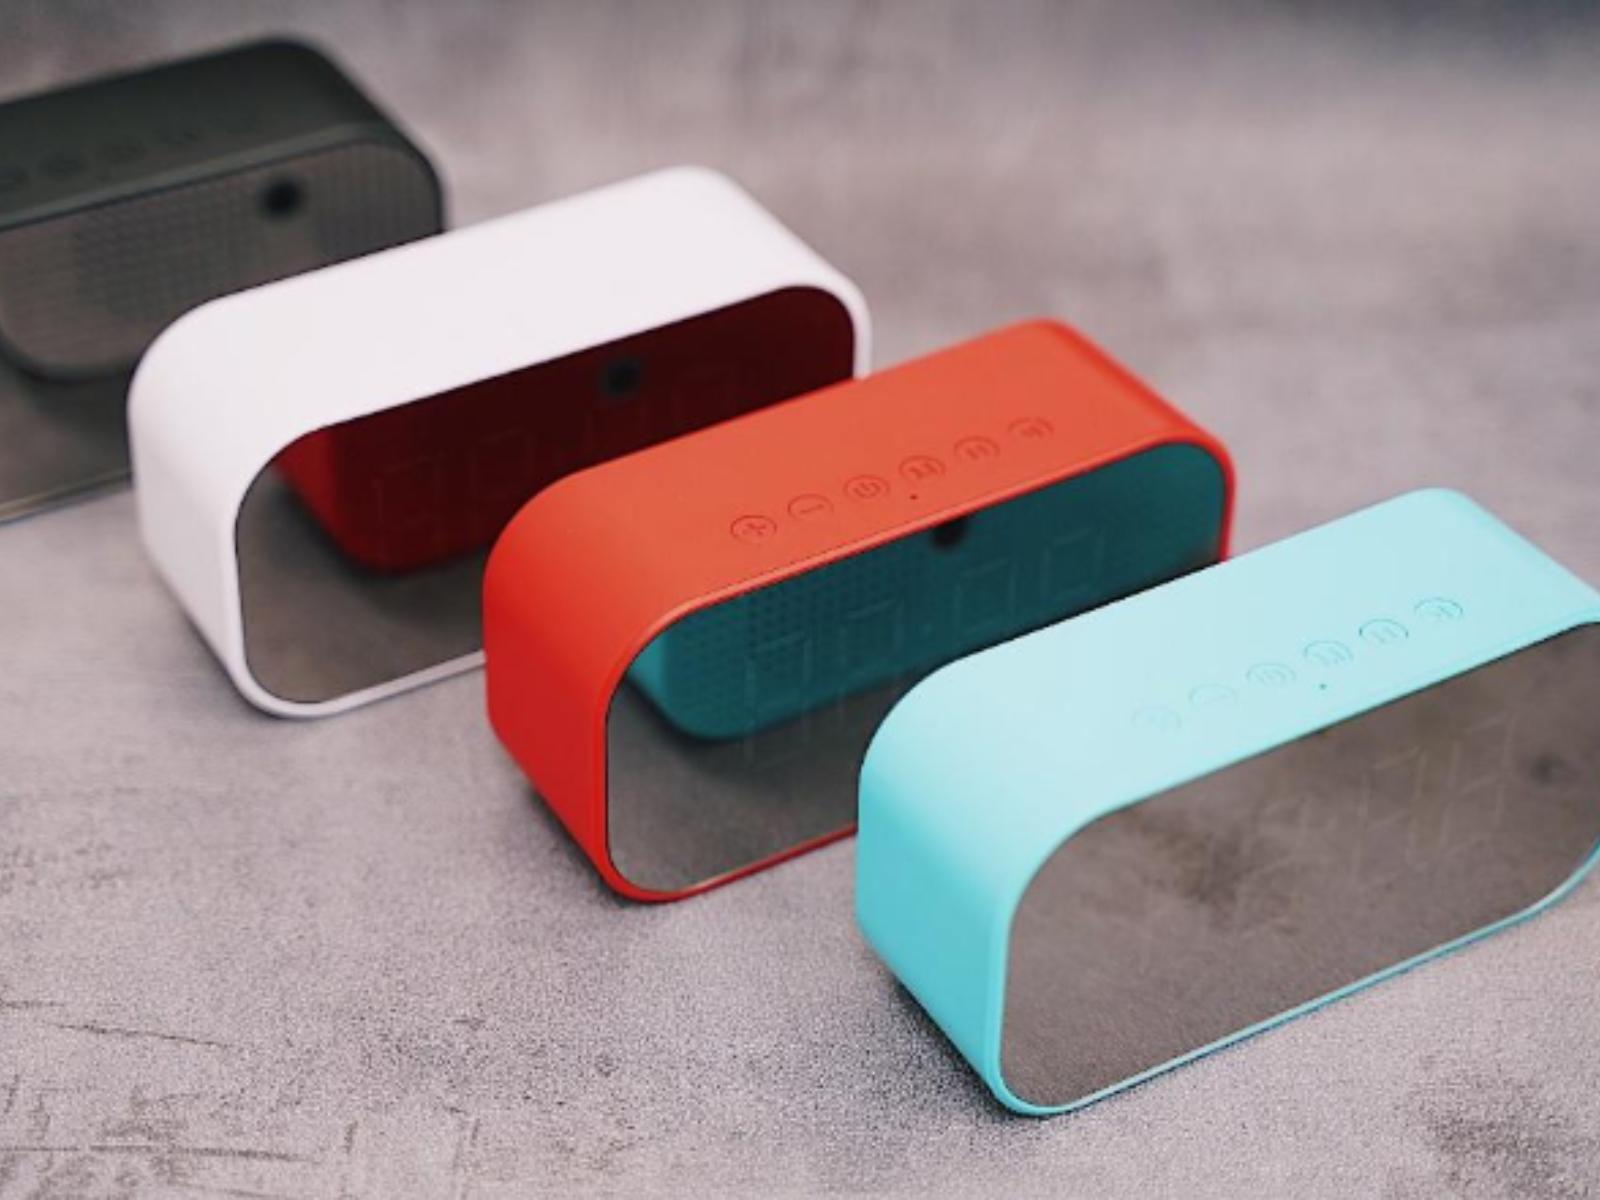 【鬧鐘推薦】想要一台可以聽歌的鬧鐘?HongJin 宏晉鏡面多功能藍牙喇叭做得到!